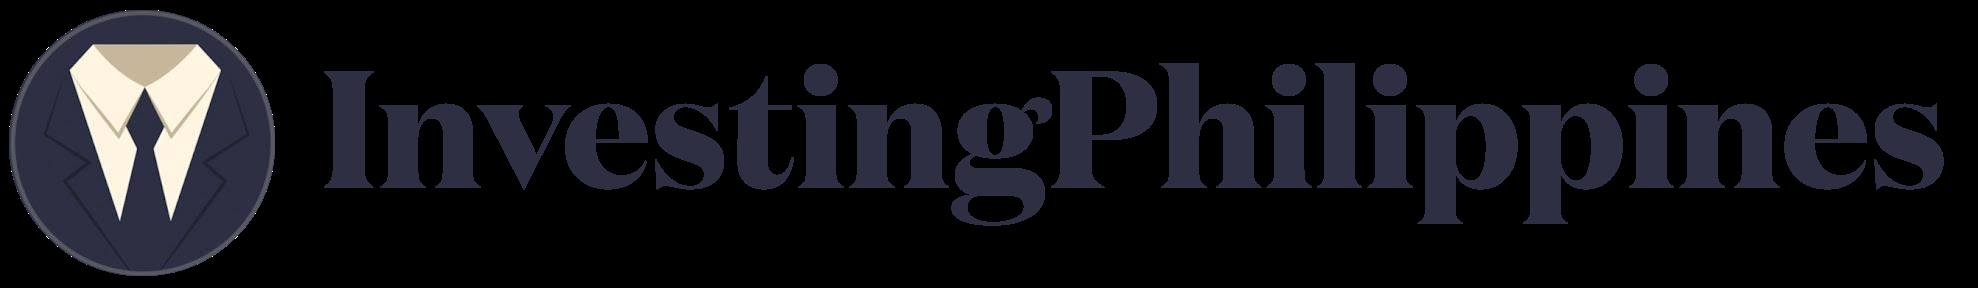 Investing Philippines